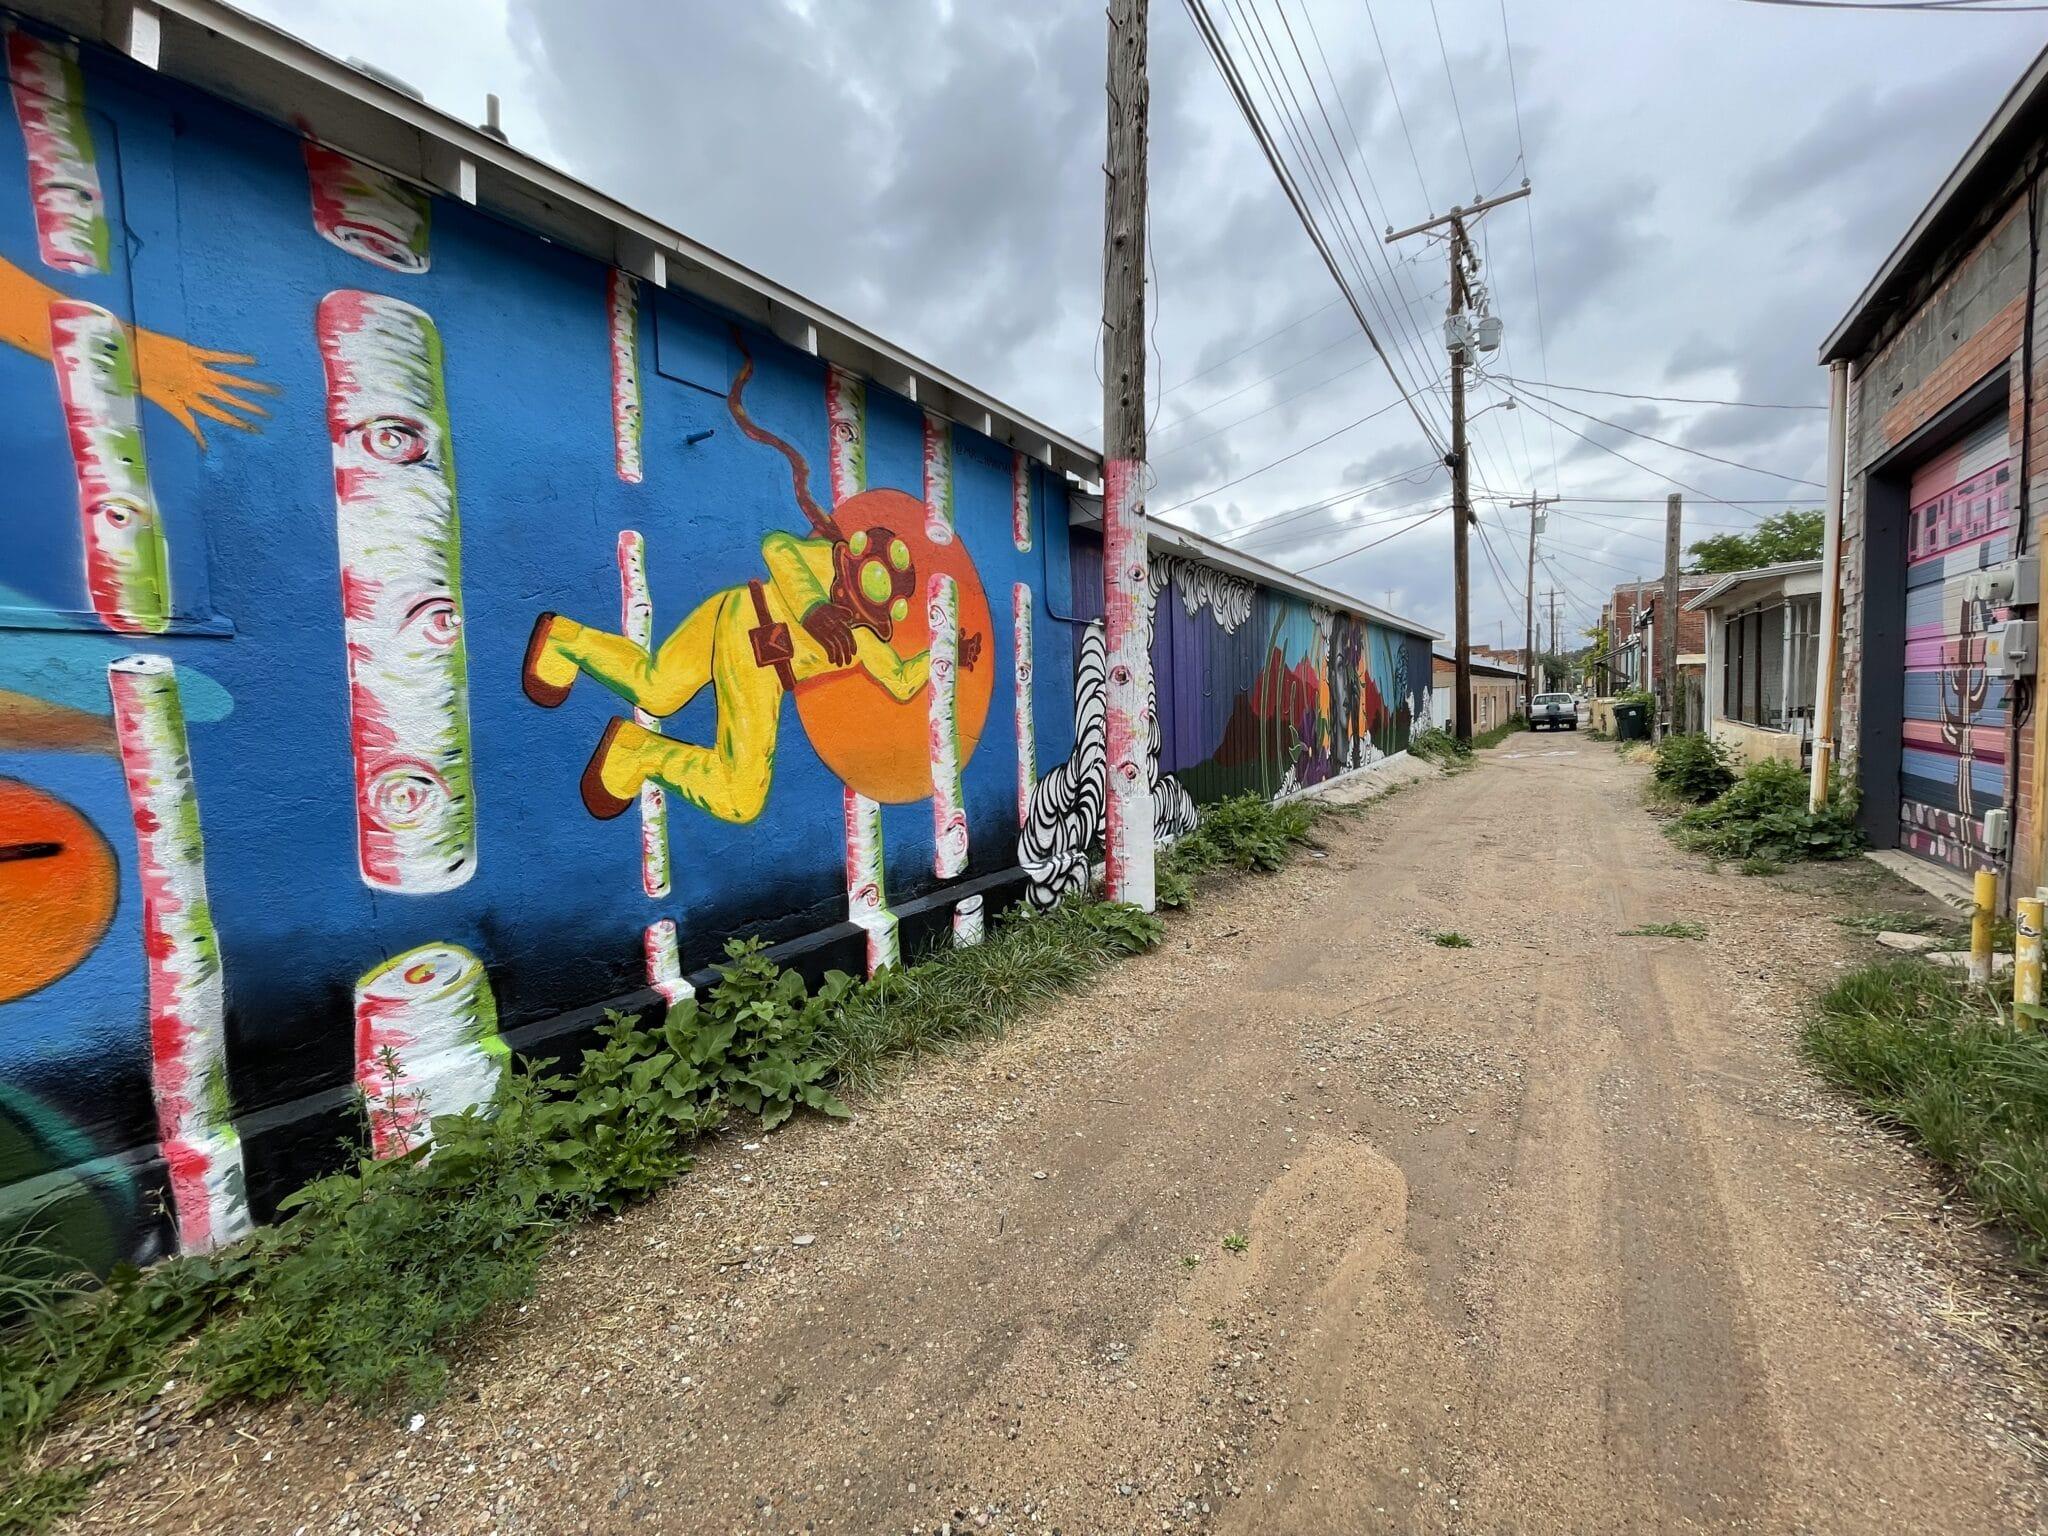 image of art murals in walsenburg